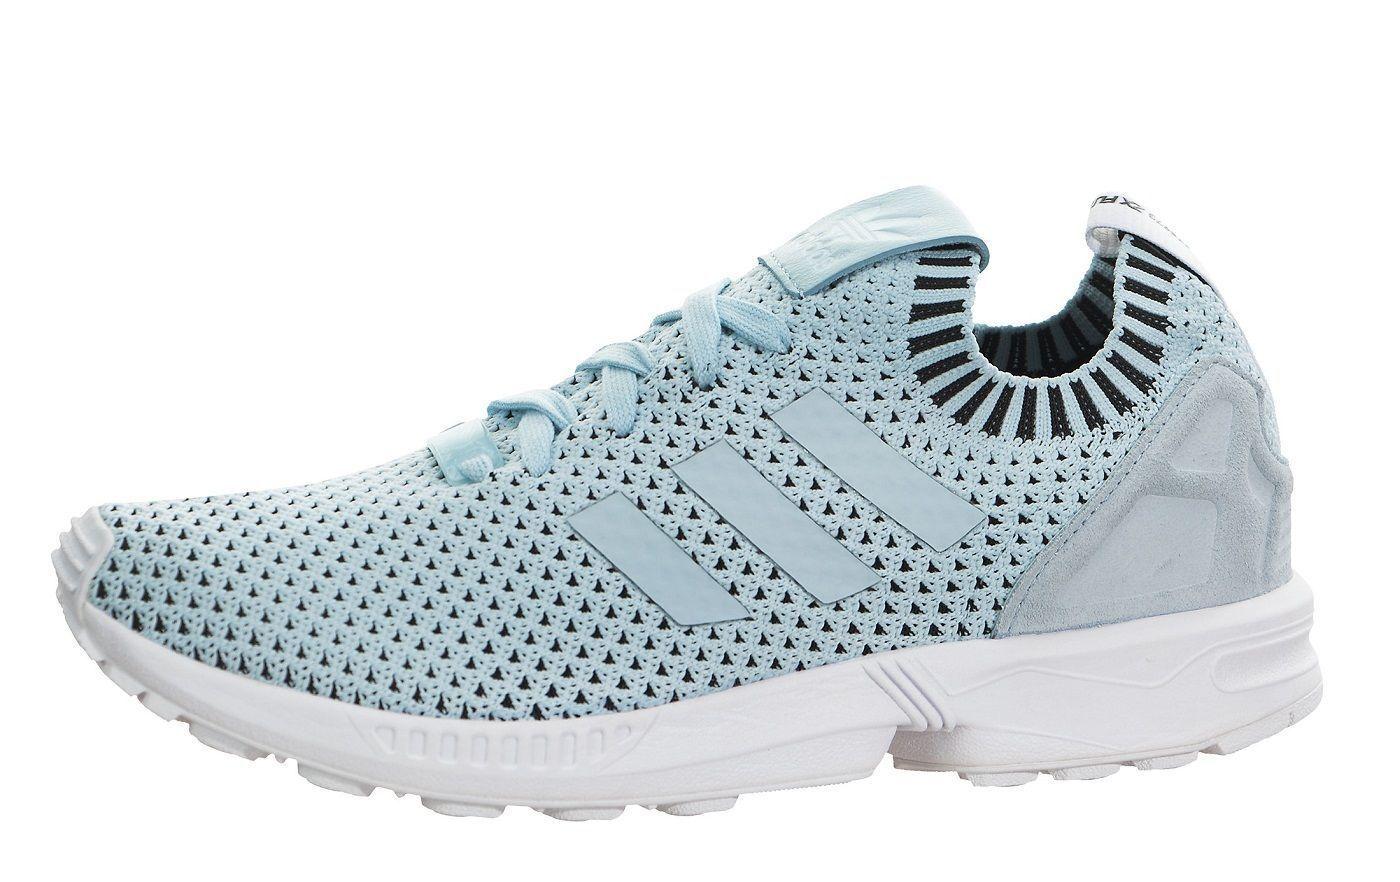 adidas Originals Zx Flux PK Primeknit Ice Blue Casual Shoes Sz 8.5 S75973